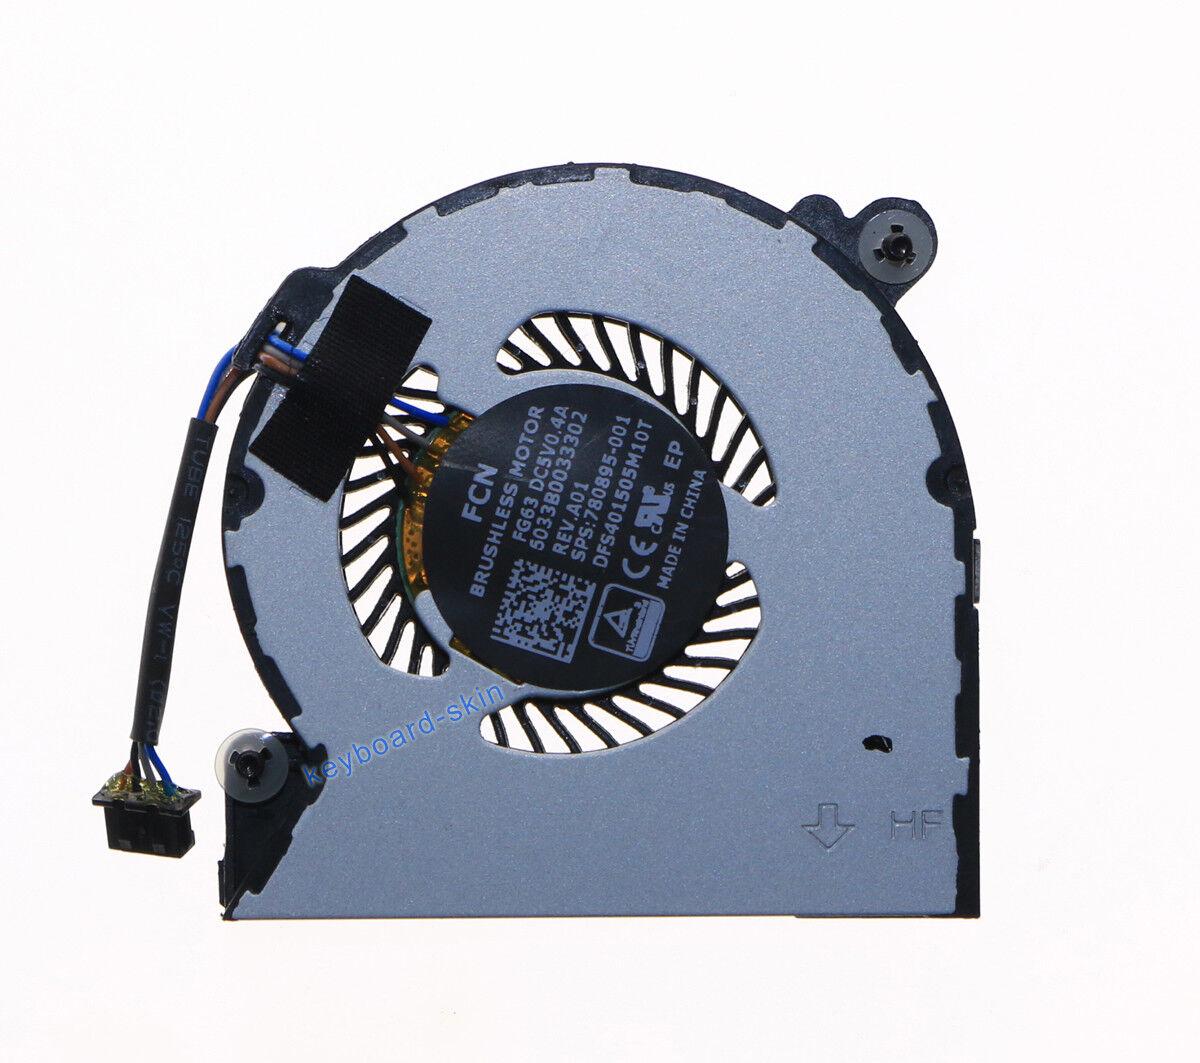 New for HP 820 G1 720 G1 Laptop CPU Fan 730547-001 6033B0033301 KSB0405HB-CM46